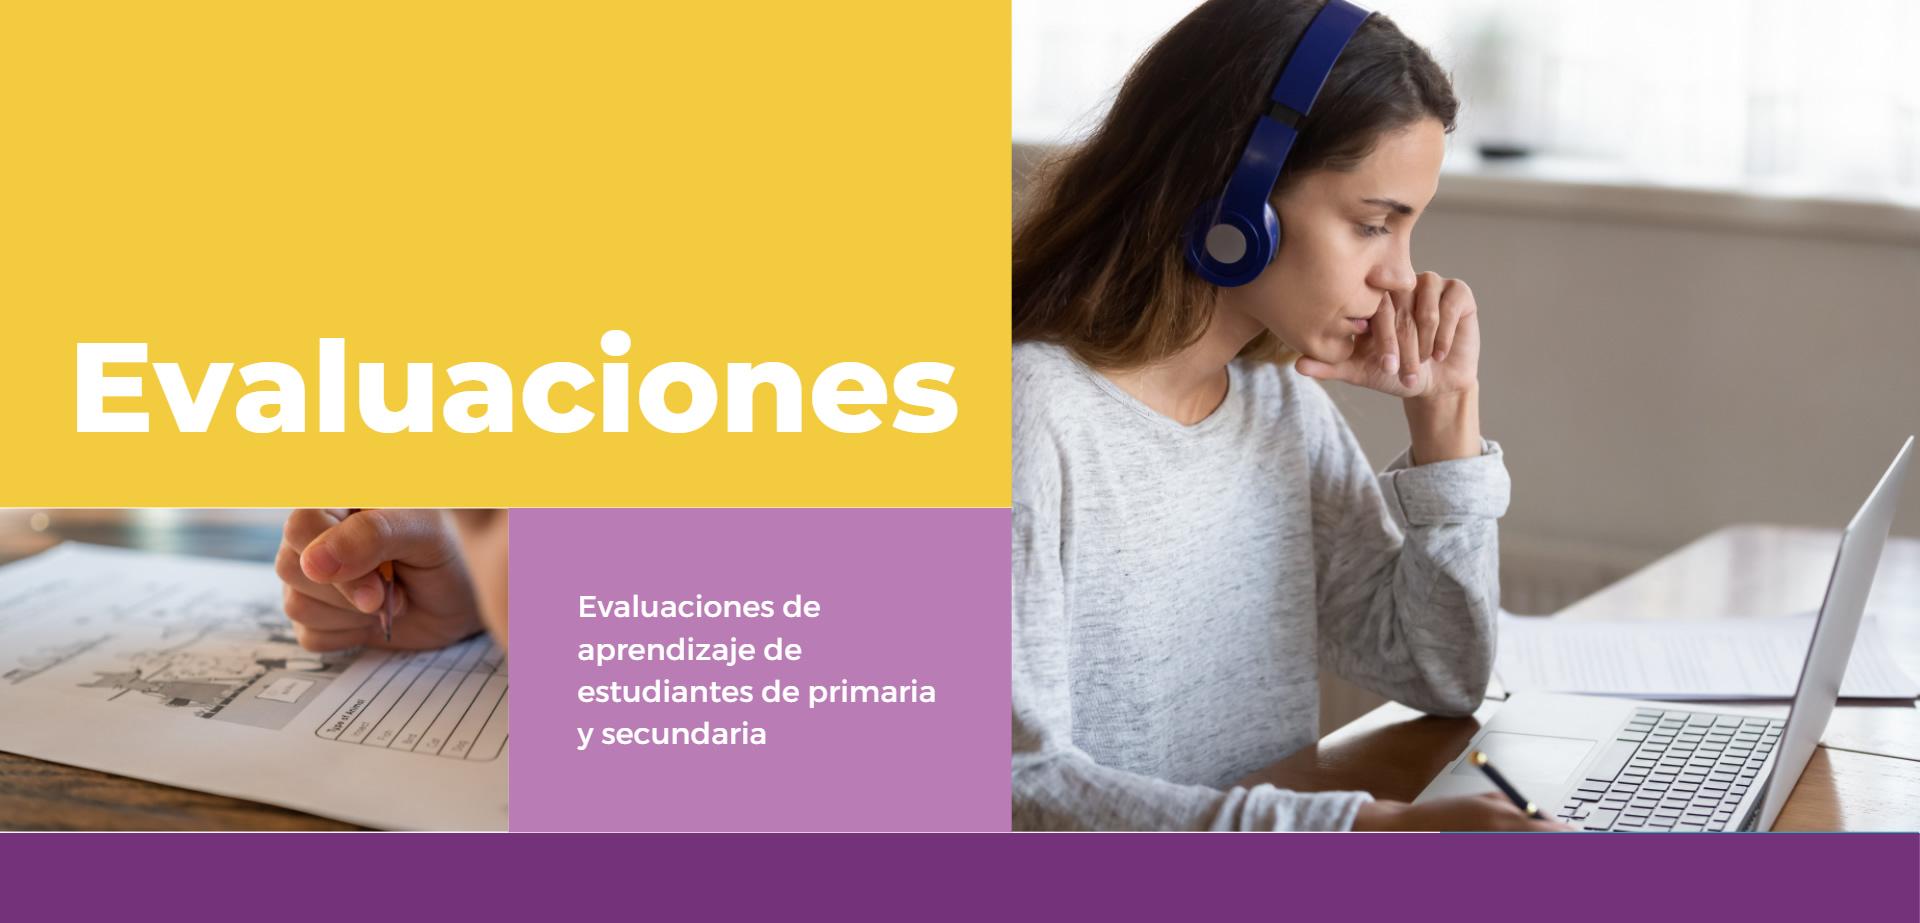 Imagen de sección Evaluaciones mostrando Chica con auriculares